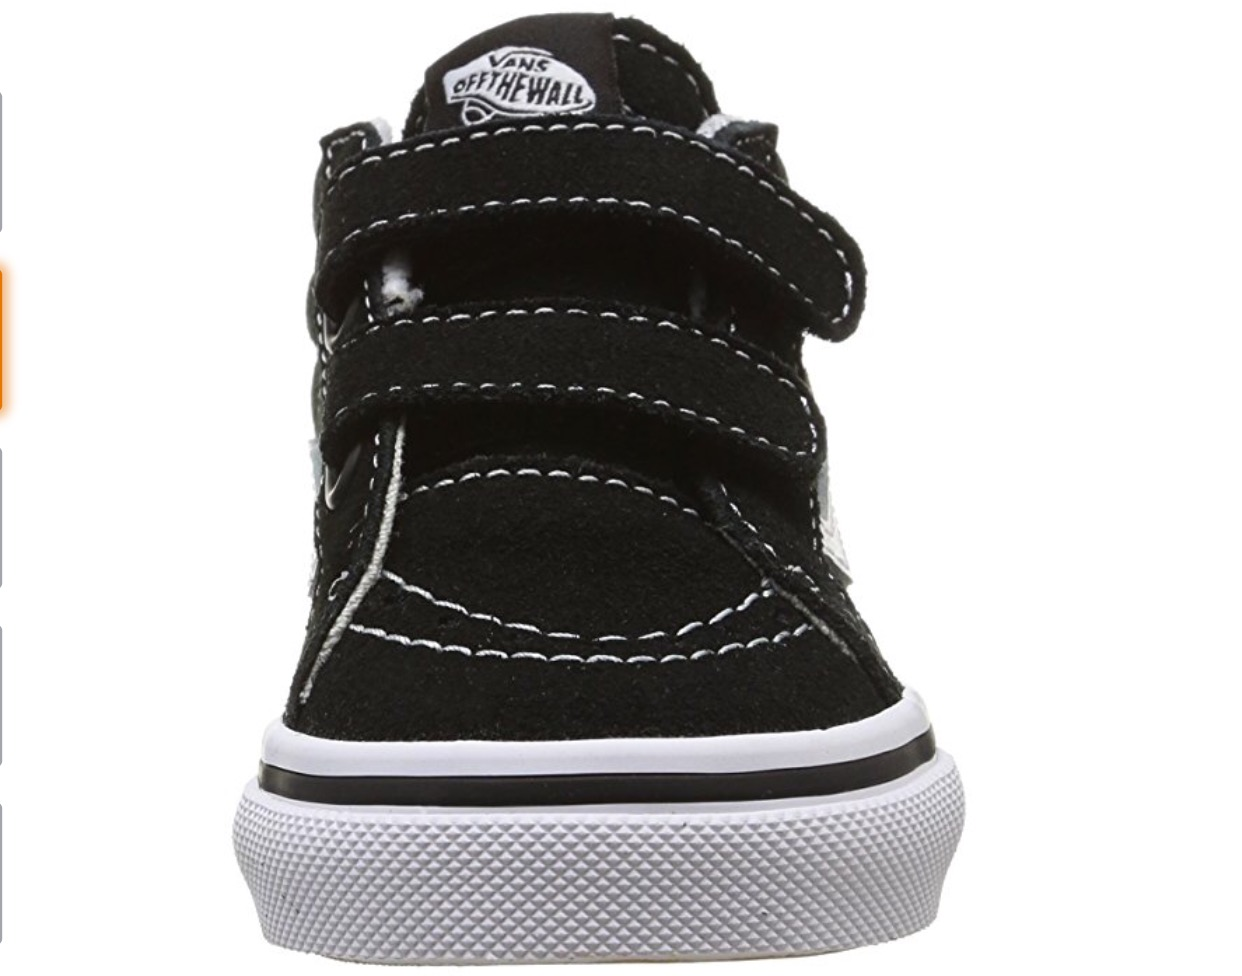 153a8b90b50 Vans Toddler Sk8-Mid Reissue V Skate Shoe on Storenvy